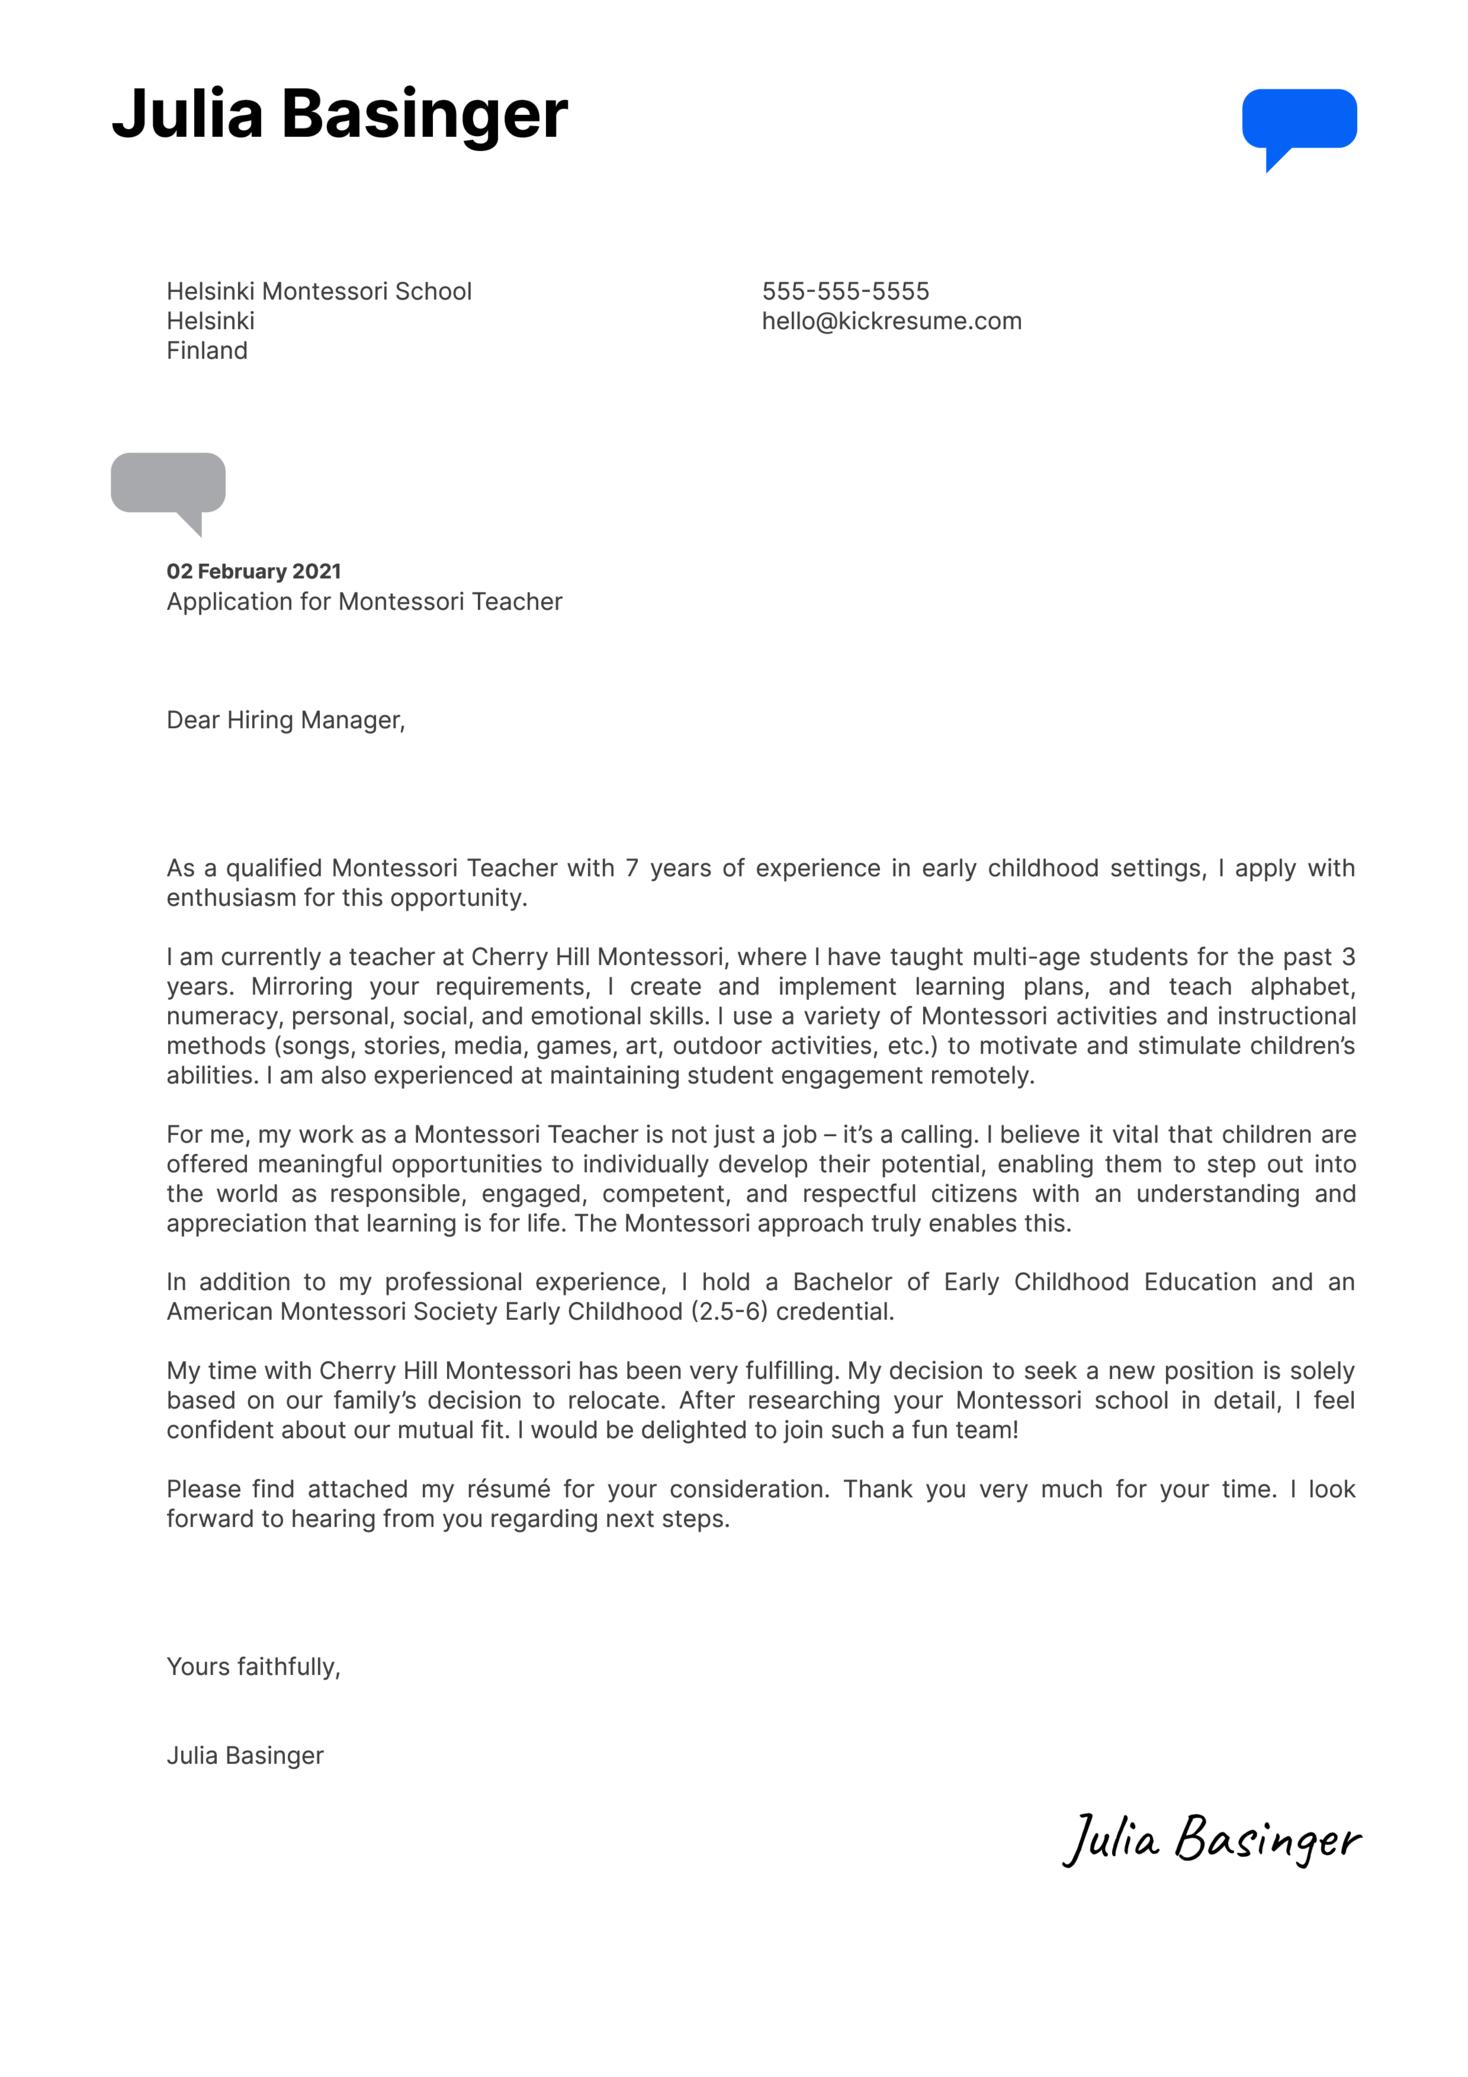 Montessori Teacher Cover Letter Template